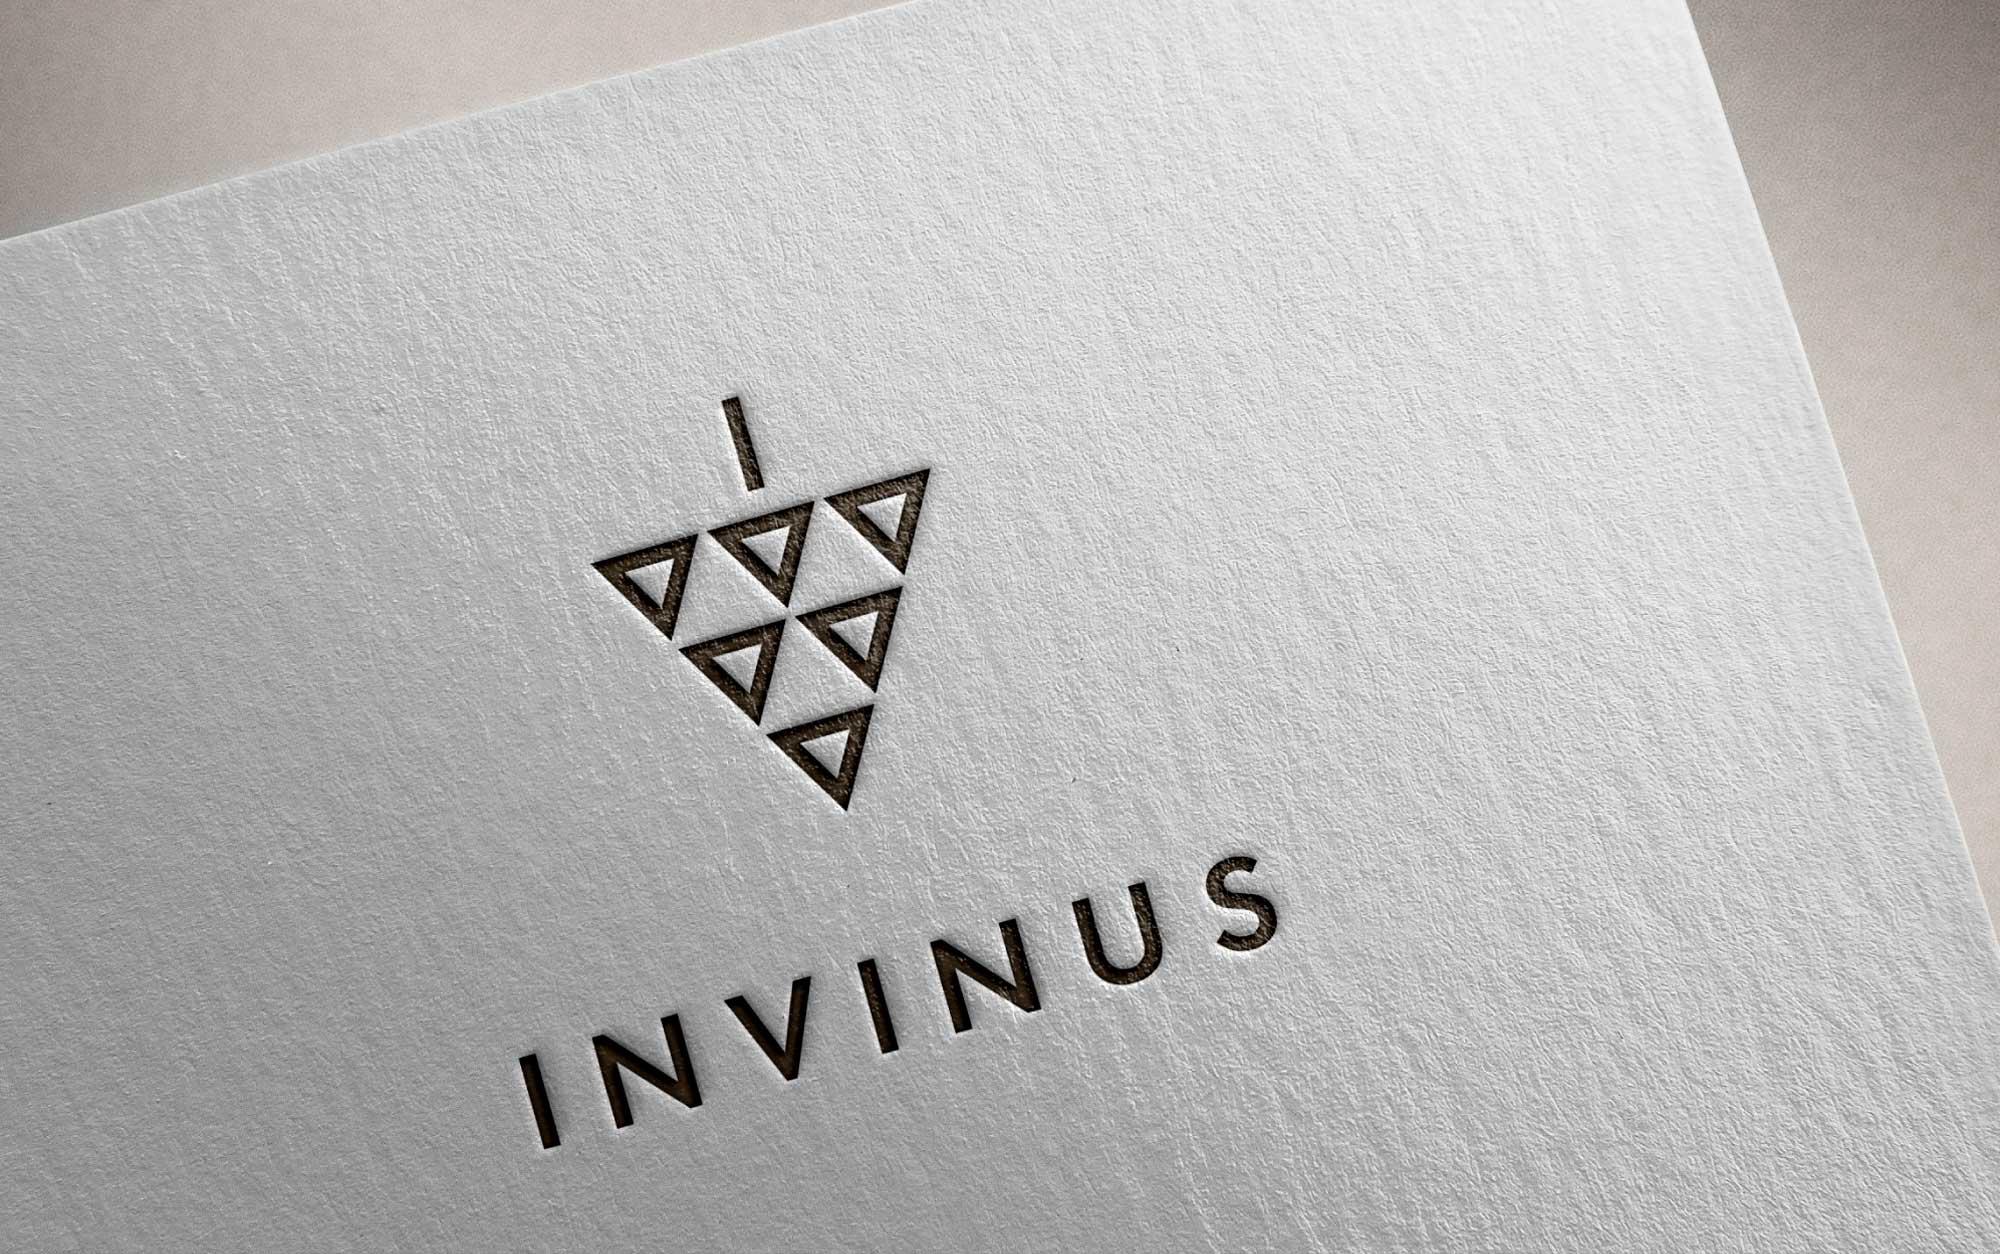 invinus-branding-02